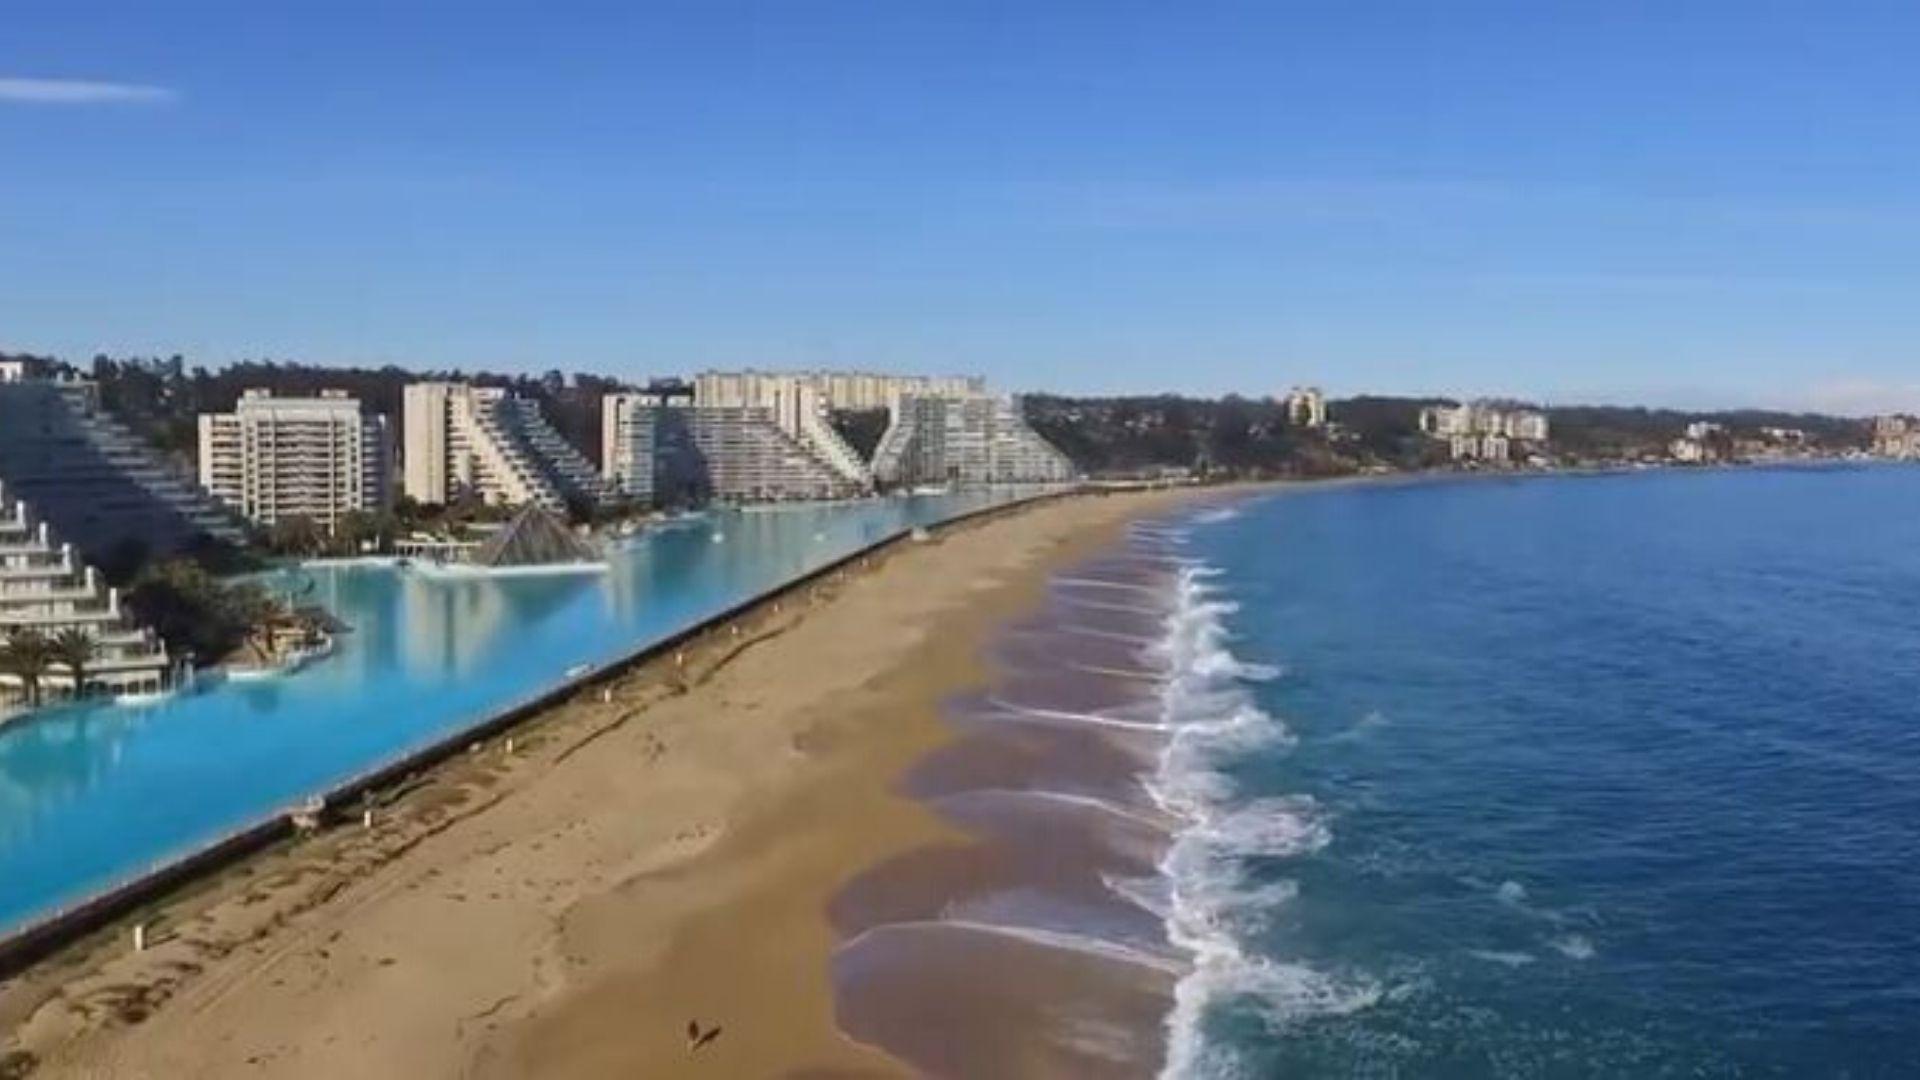 La Plus Grande Piscine Du Monde Se Trouve Au Chili - Innovant.fr à Plus Grande Piscine Du Monde